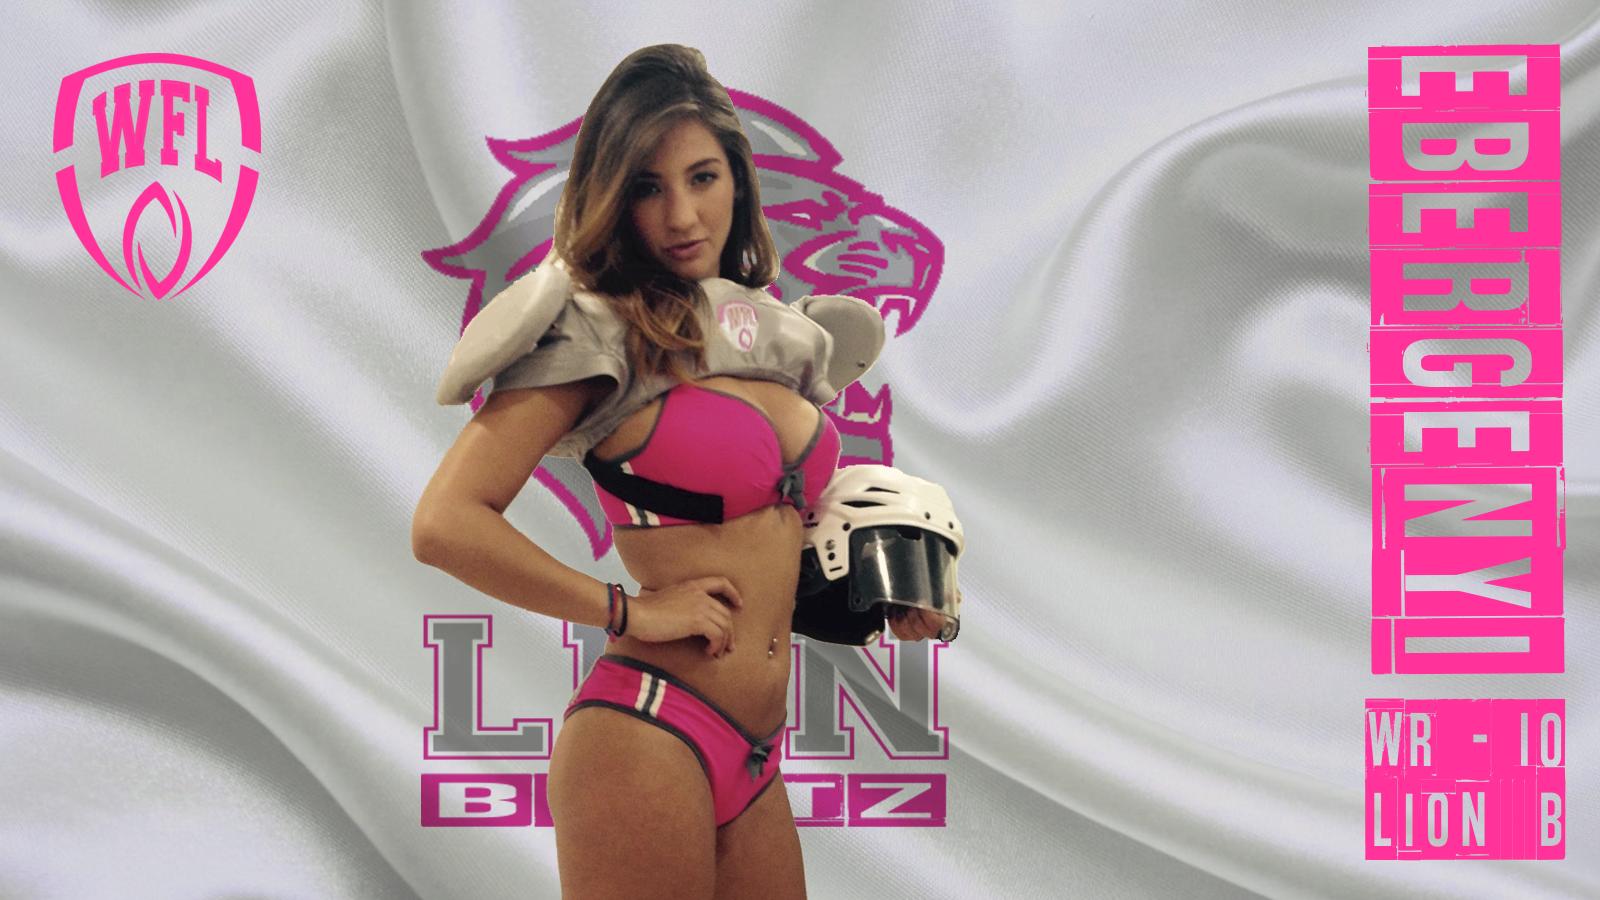 WFL LION B 10